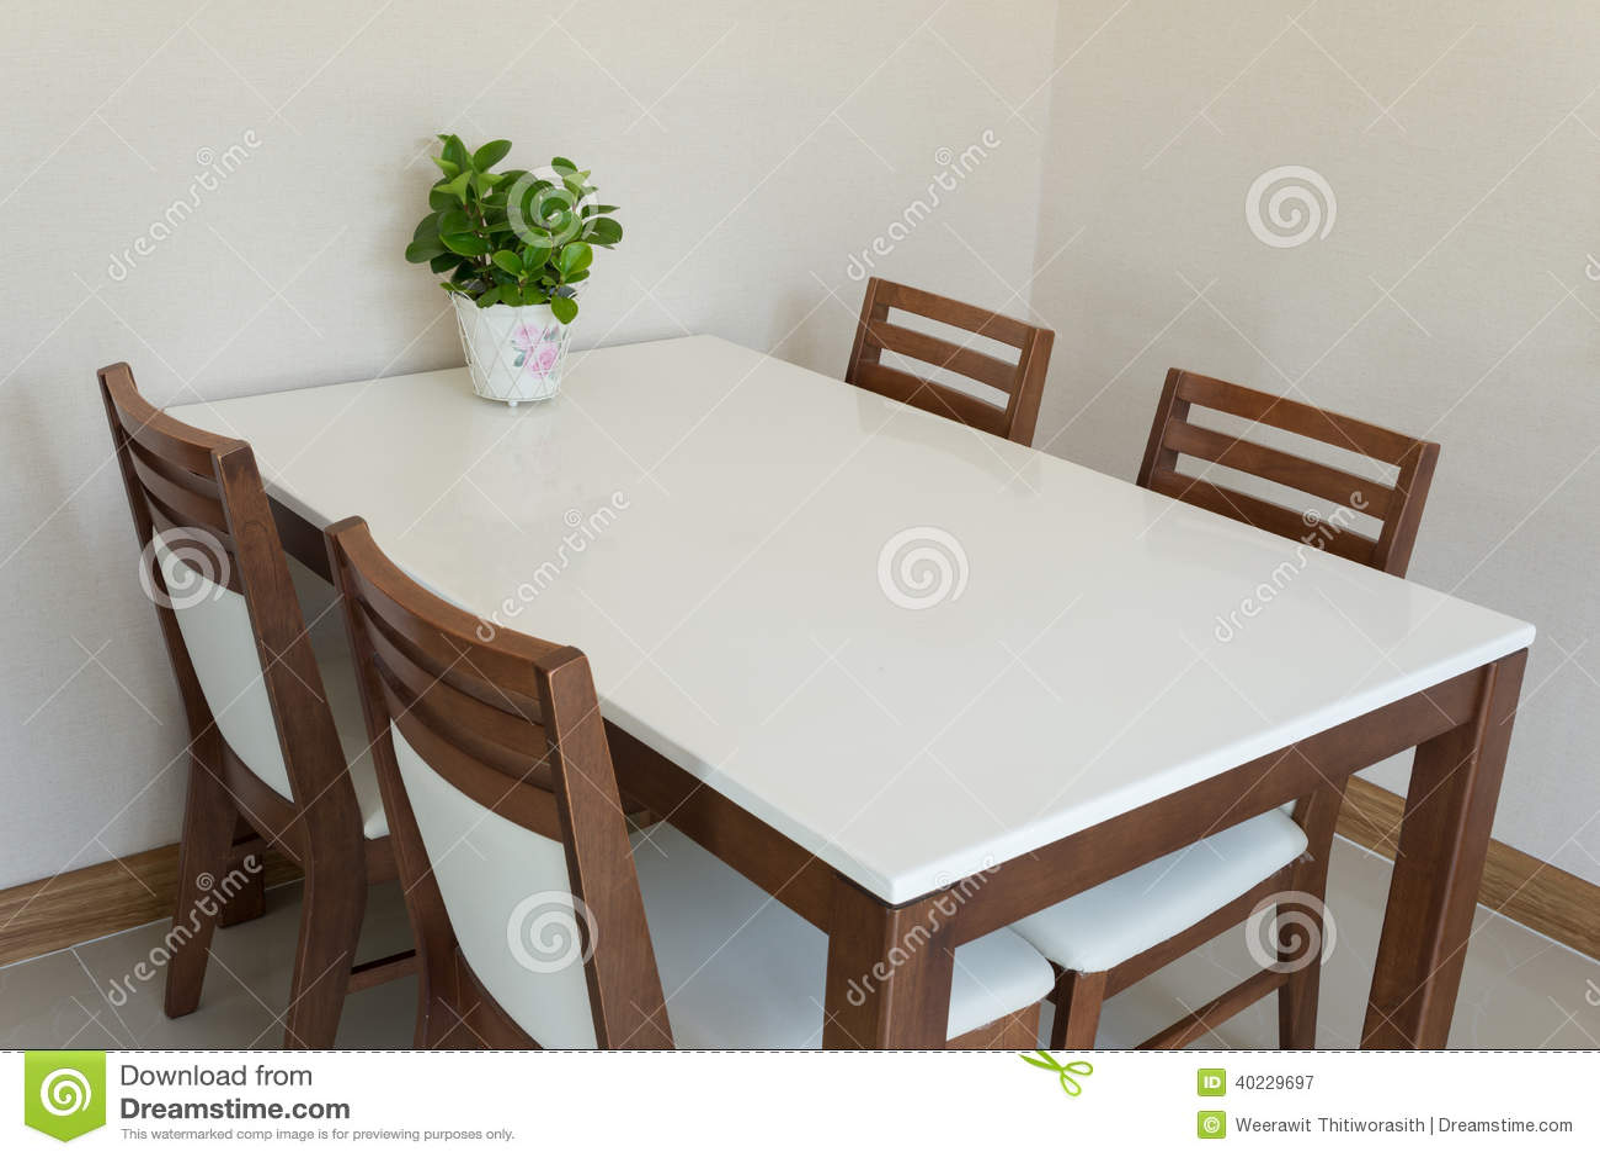 Tavolo da pranzo di legno immagine stock immagine di fiore 40229697 for Tavolo da biliardo trasformabile in tavolo da pranzo